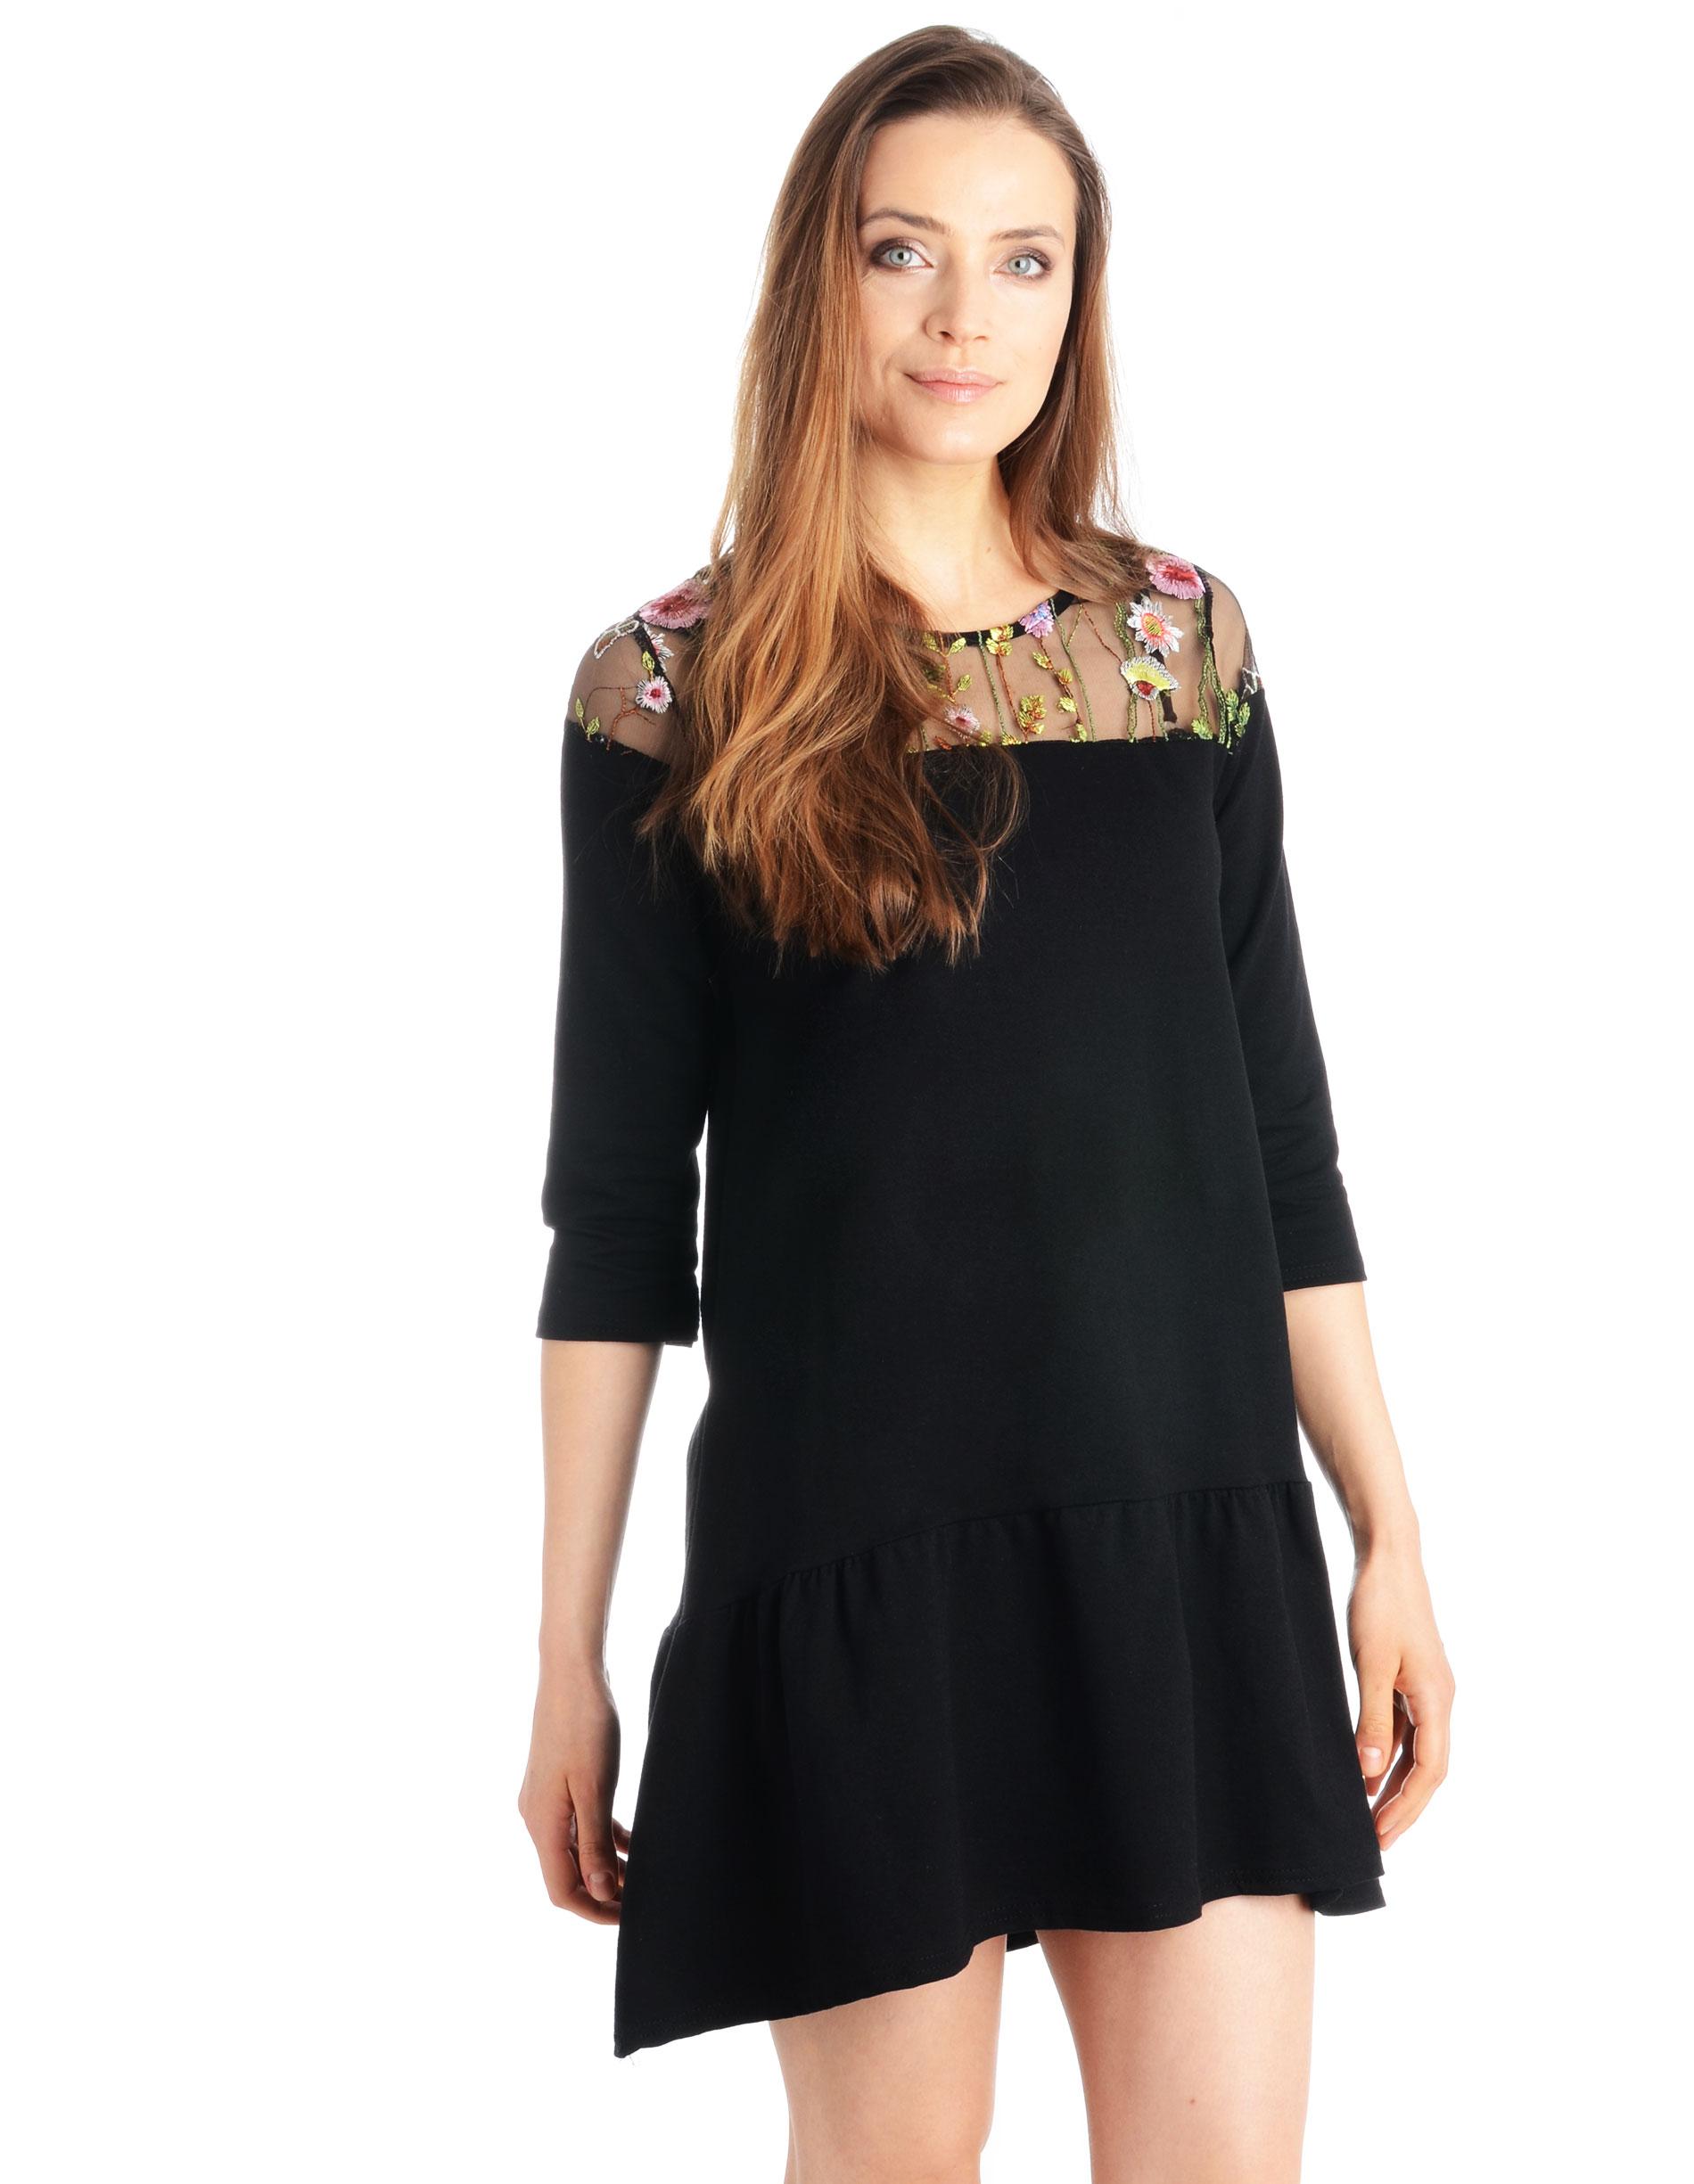 Sukienka - 90-7055 NERO - Unisono